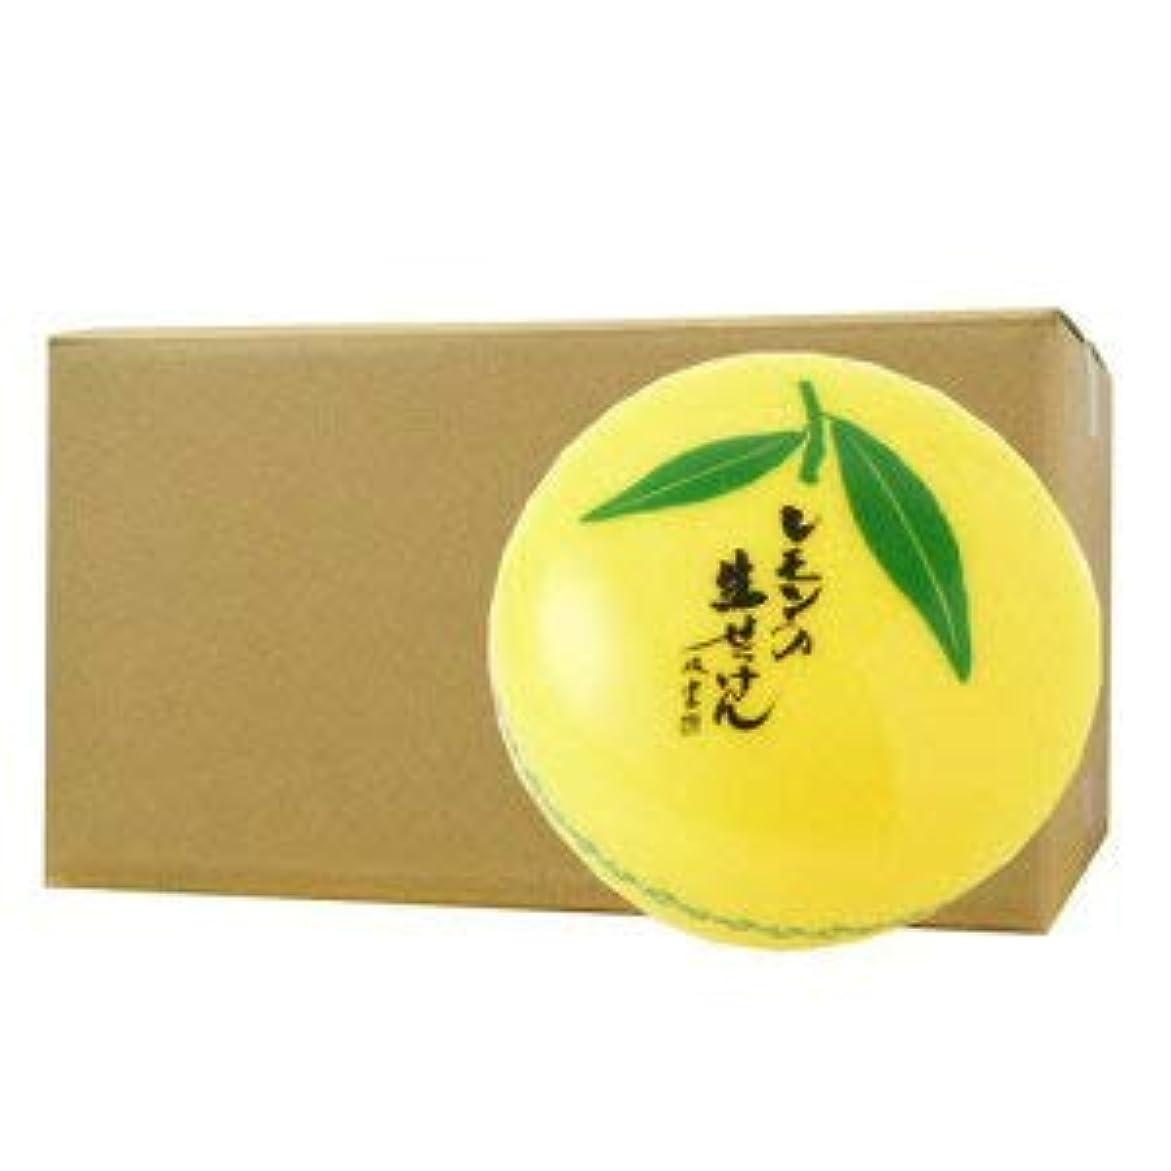 ソフィー尊敬する受け取るUYEKI美香柑レモンの生せっけん50g×72個セット